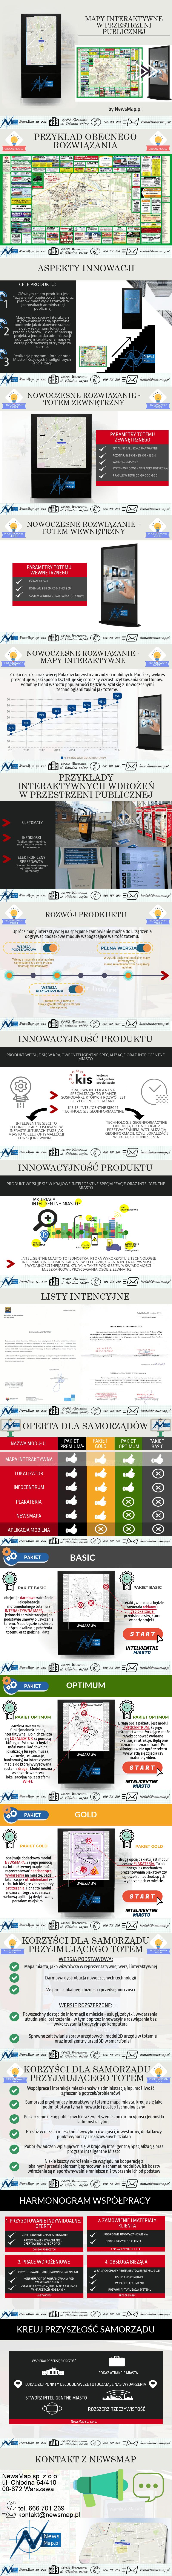 Mapy interaktywne w przestrzeni publicznej NewsMap - infografika